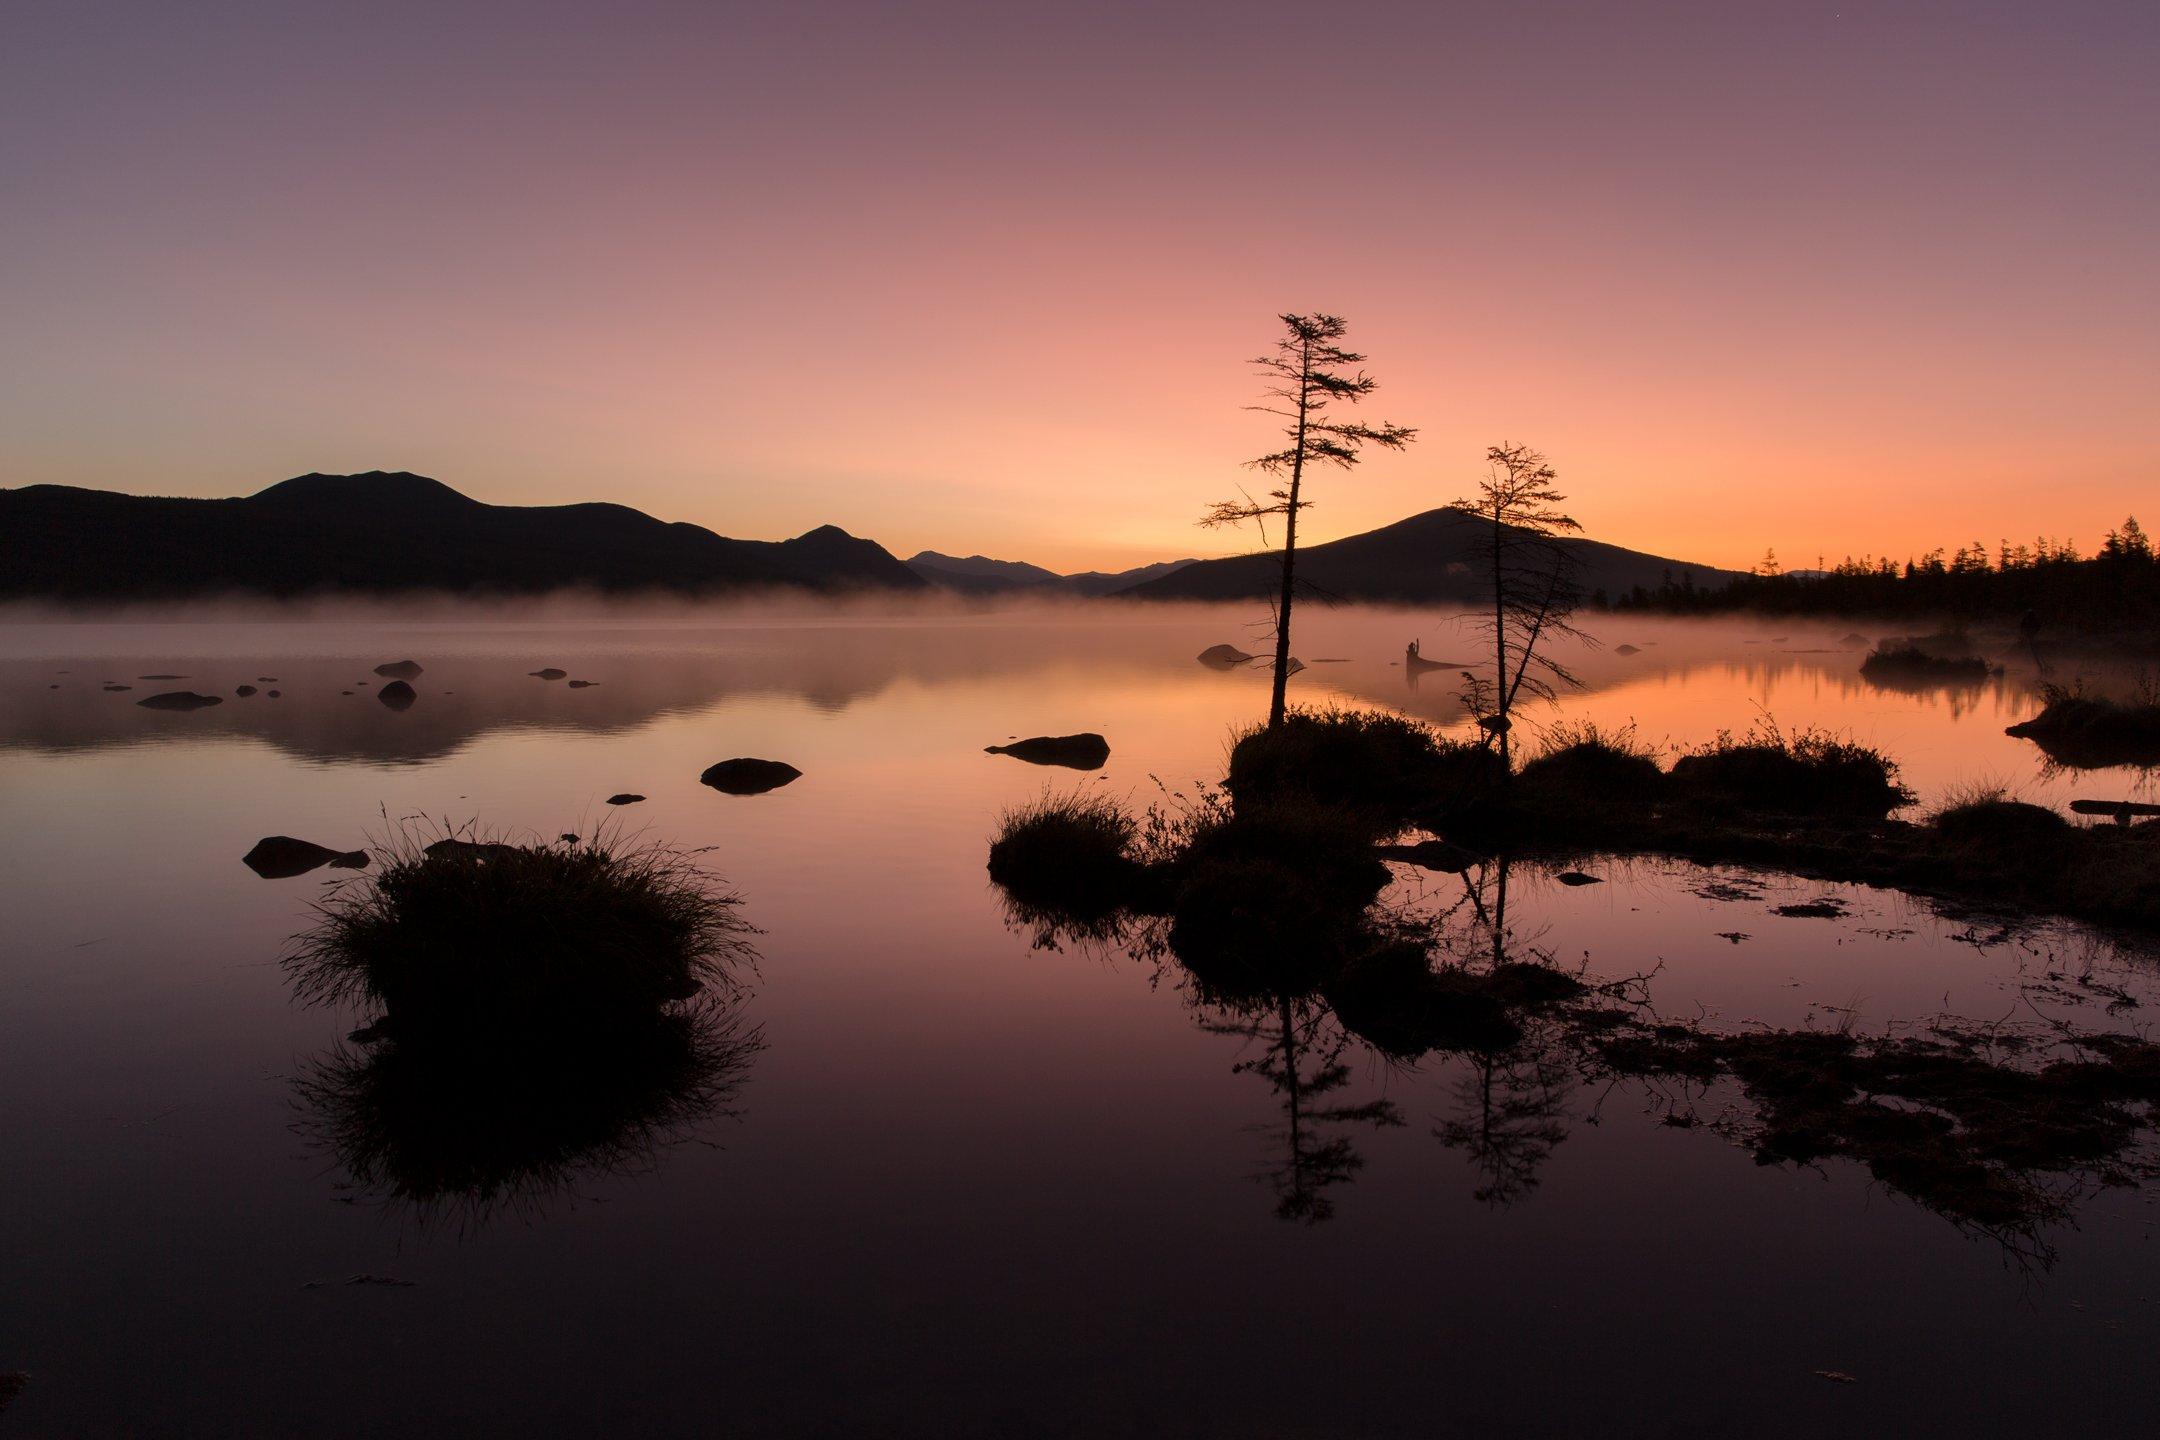 озеро, рассвет, тишина, отражение, сумерки, колыма, Антон Селезнев